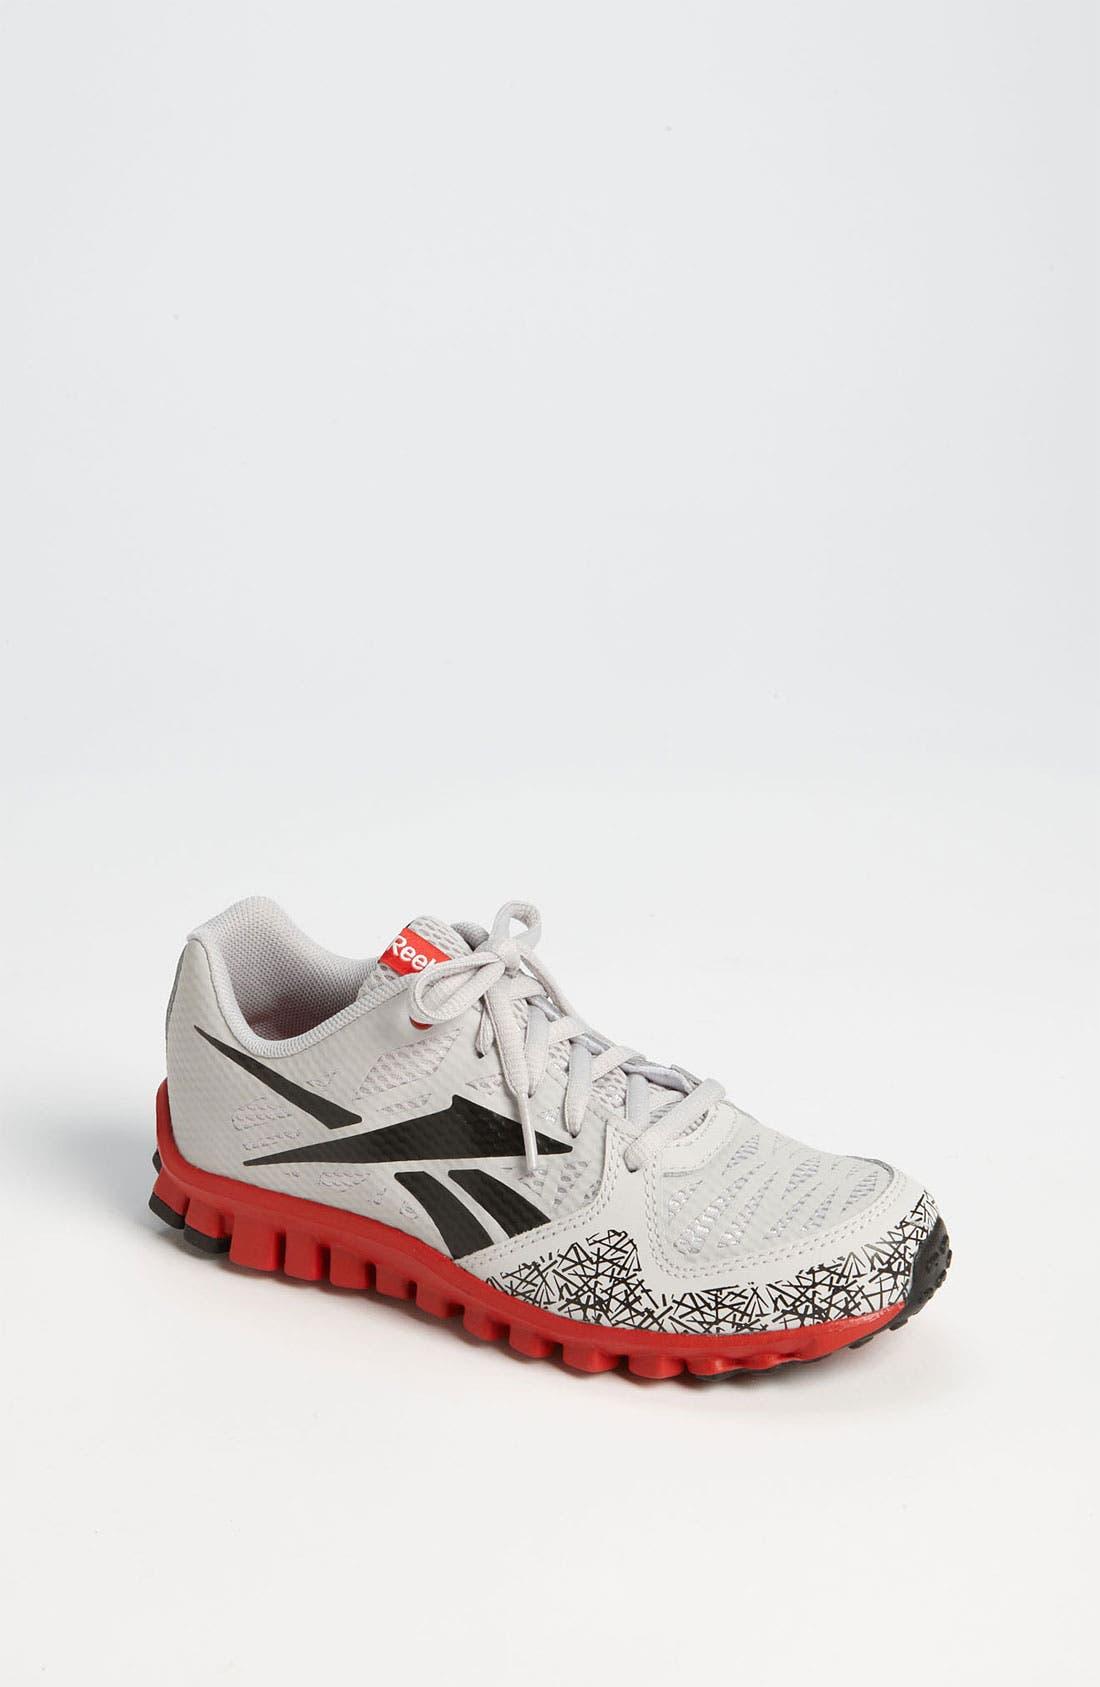 Main Image - Reebok 'RealFlex Transition 2.0' Sneaker (Toddler, Little Kid & Big Kid)